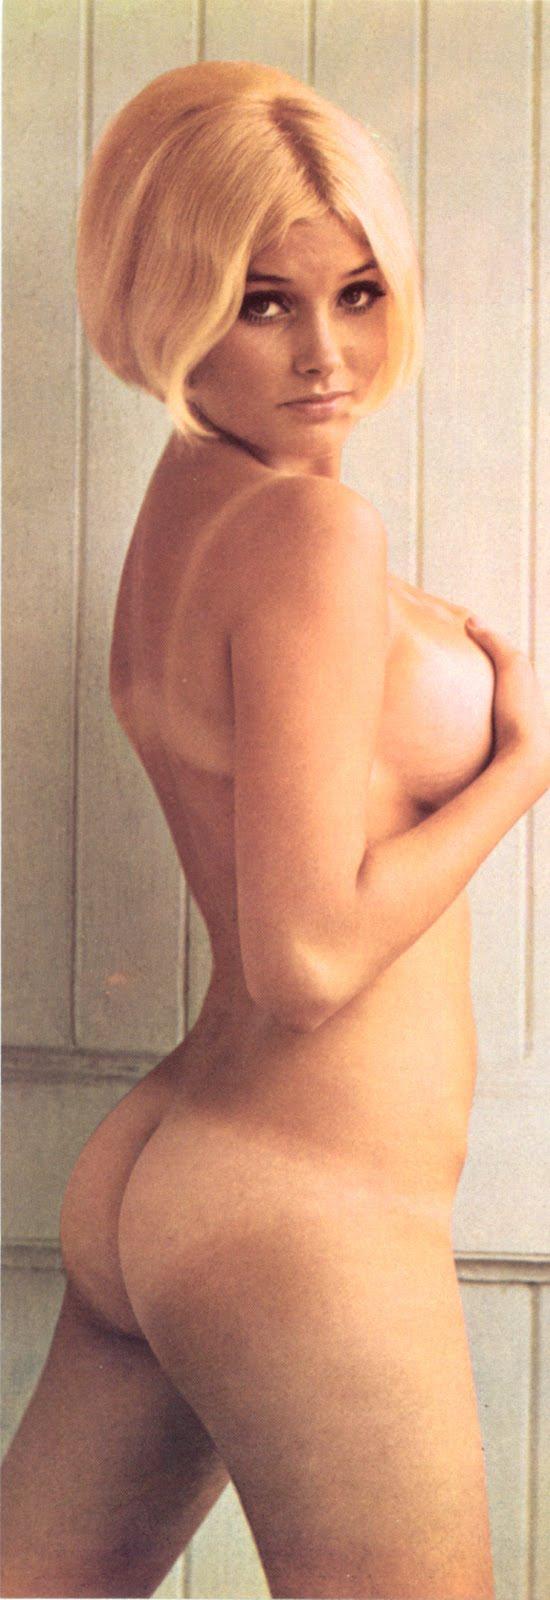 Jeanette rundgren naked hentay pictures